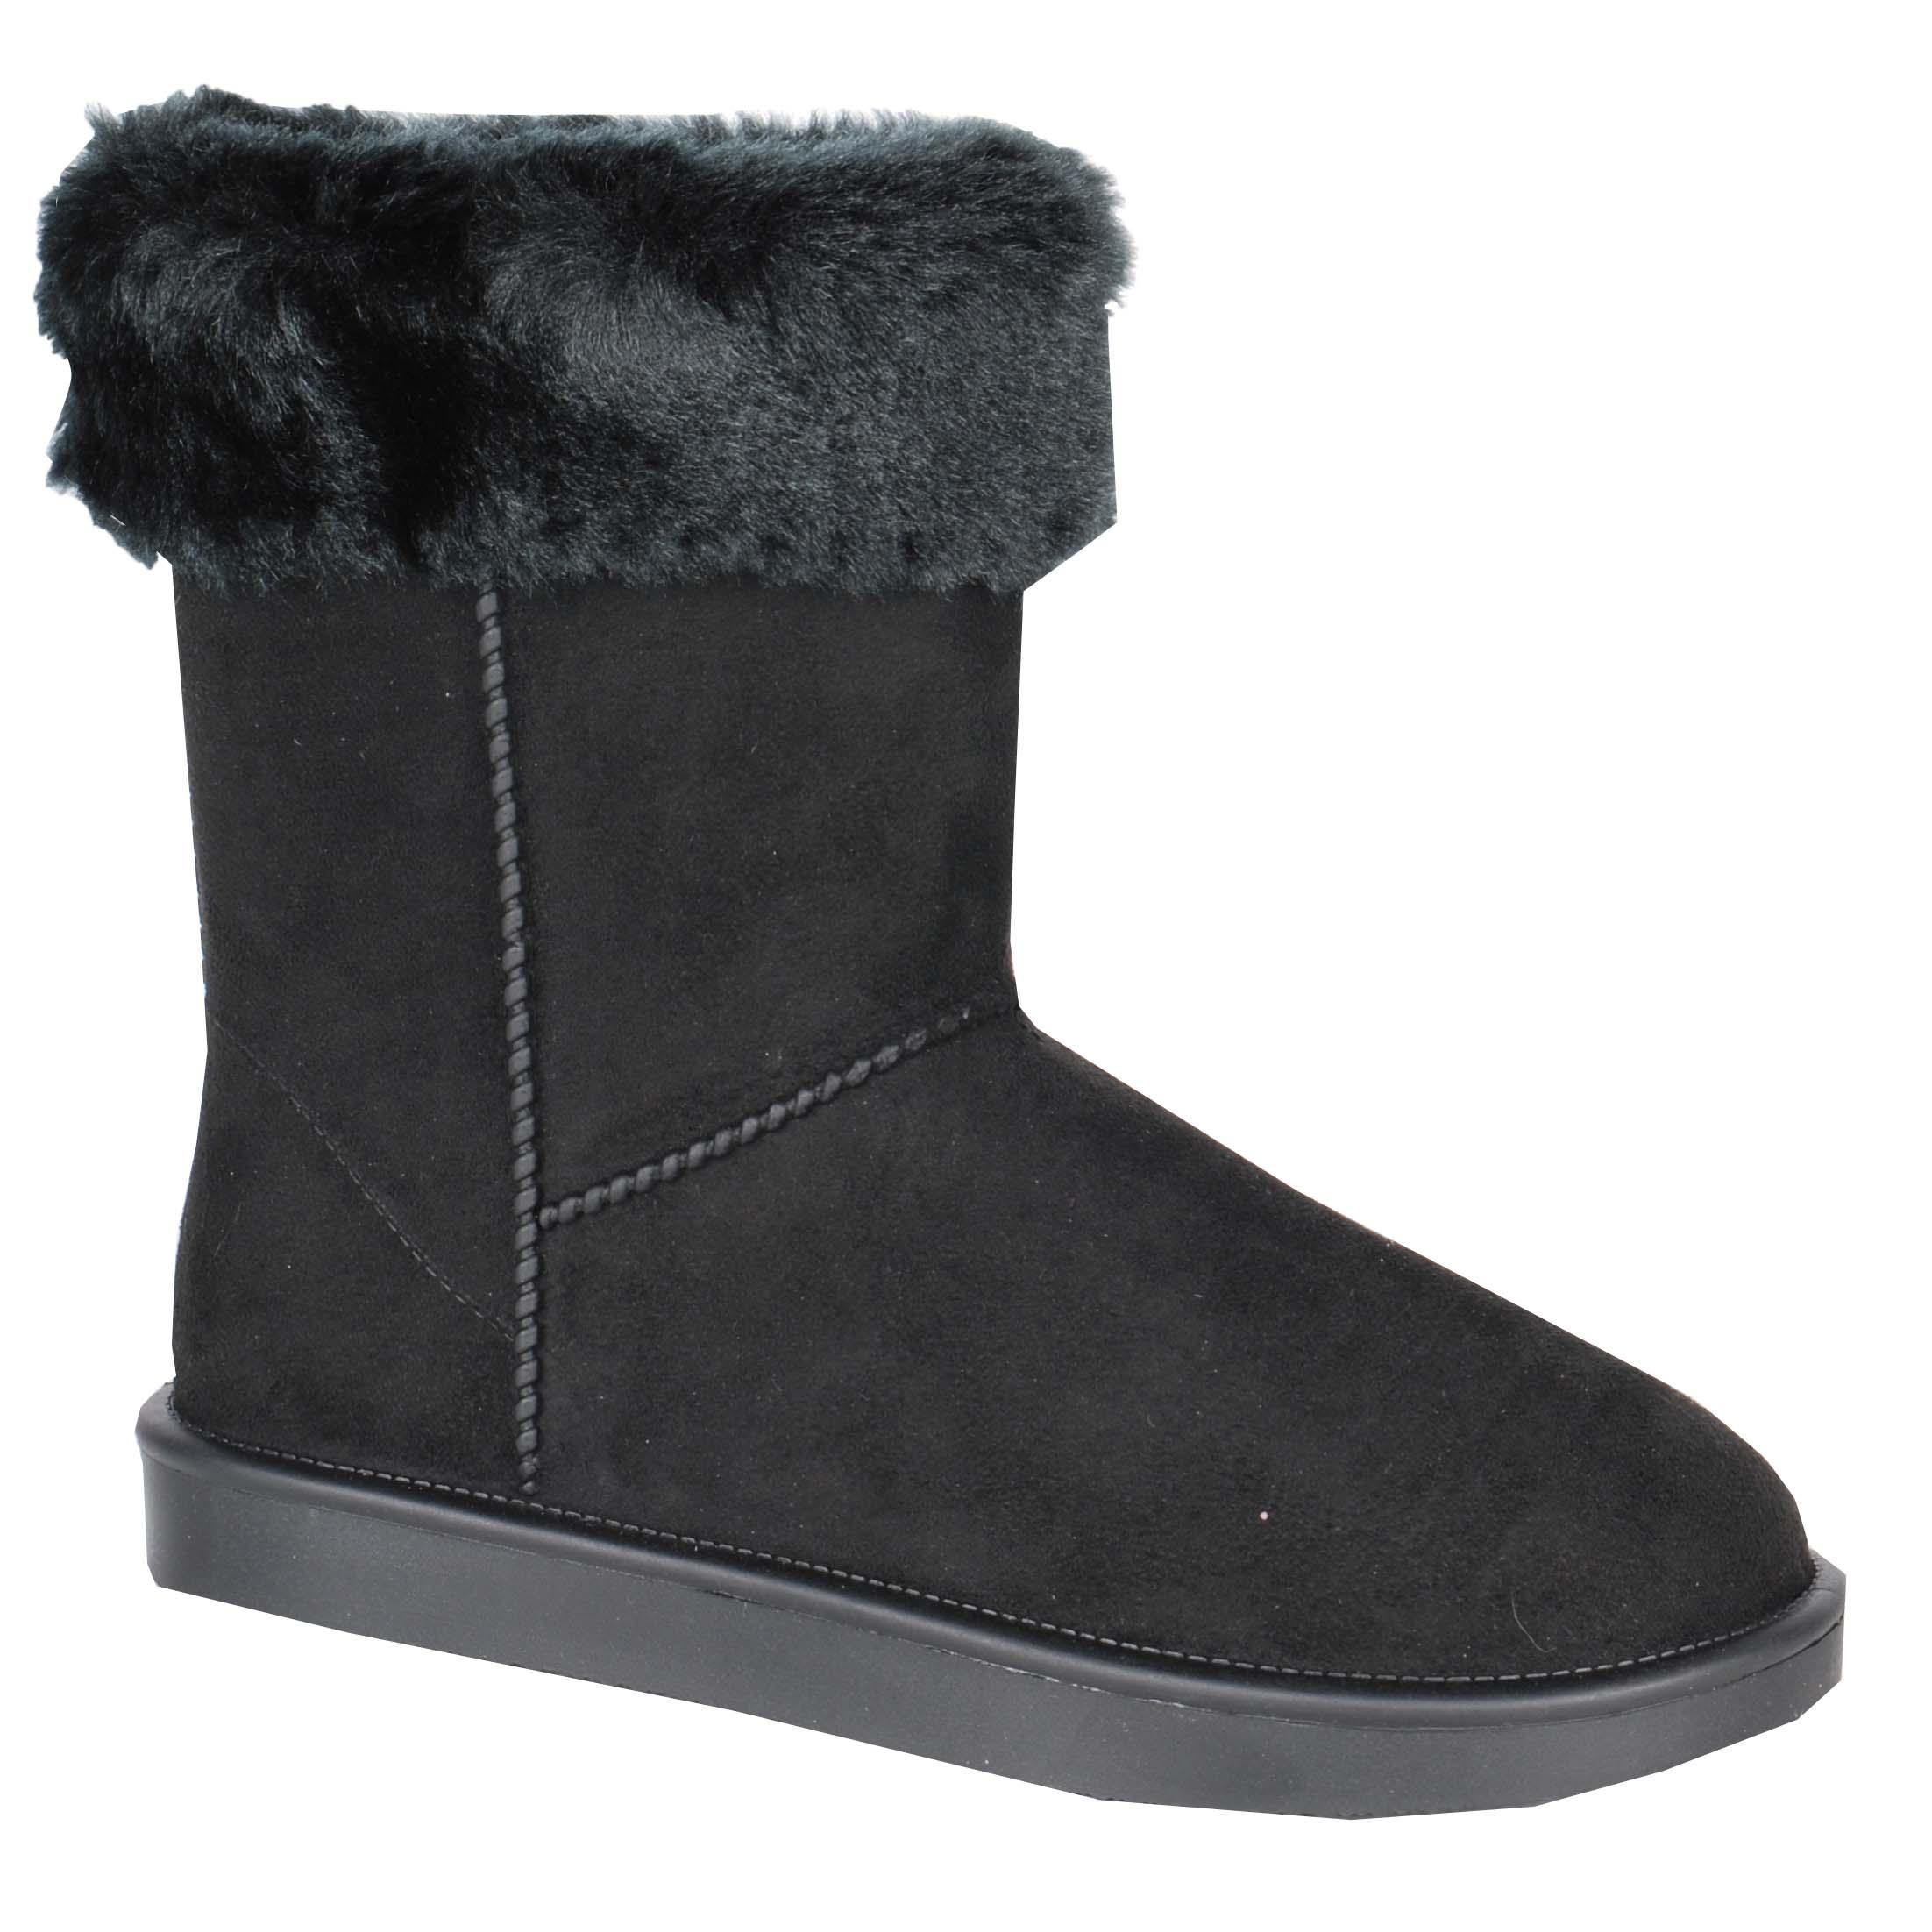 HKM Davos Fur vrijetijds laars zwart maat:34